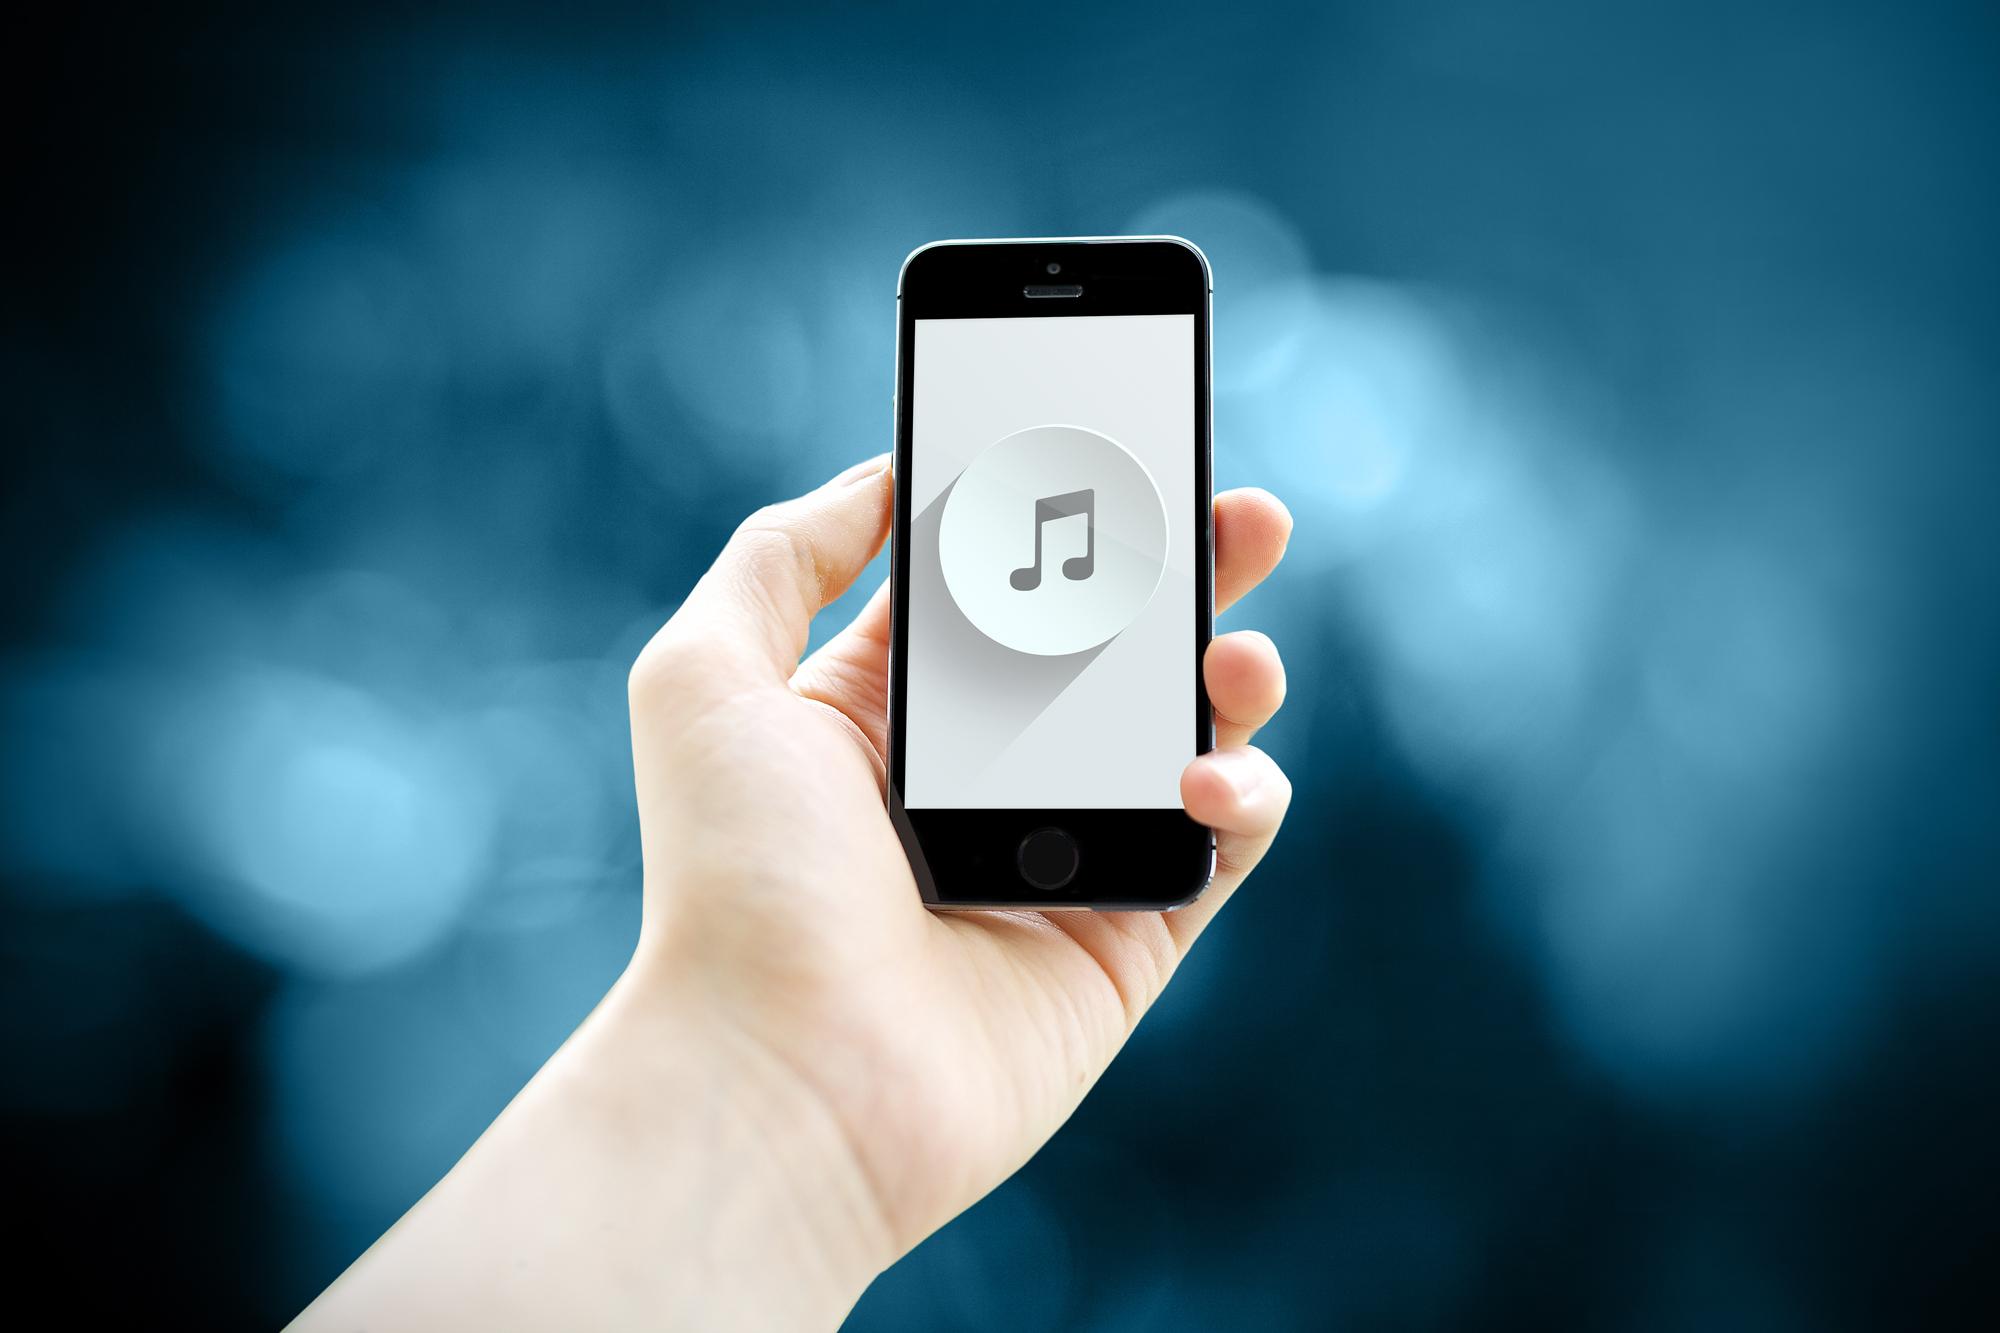 Anleitung - iPhone Klingeltöne erstellen & übertragen mit iTunes